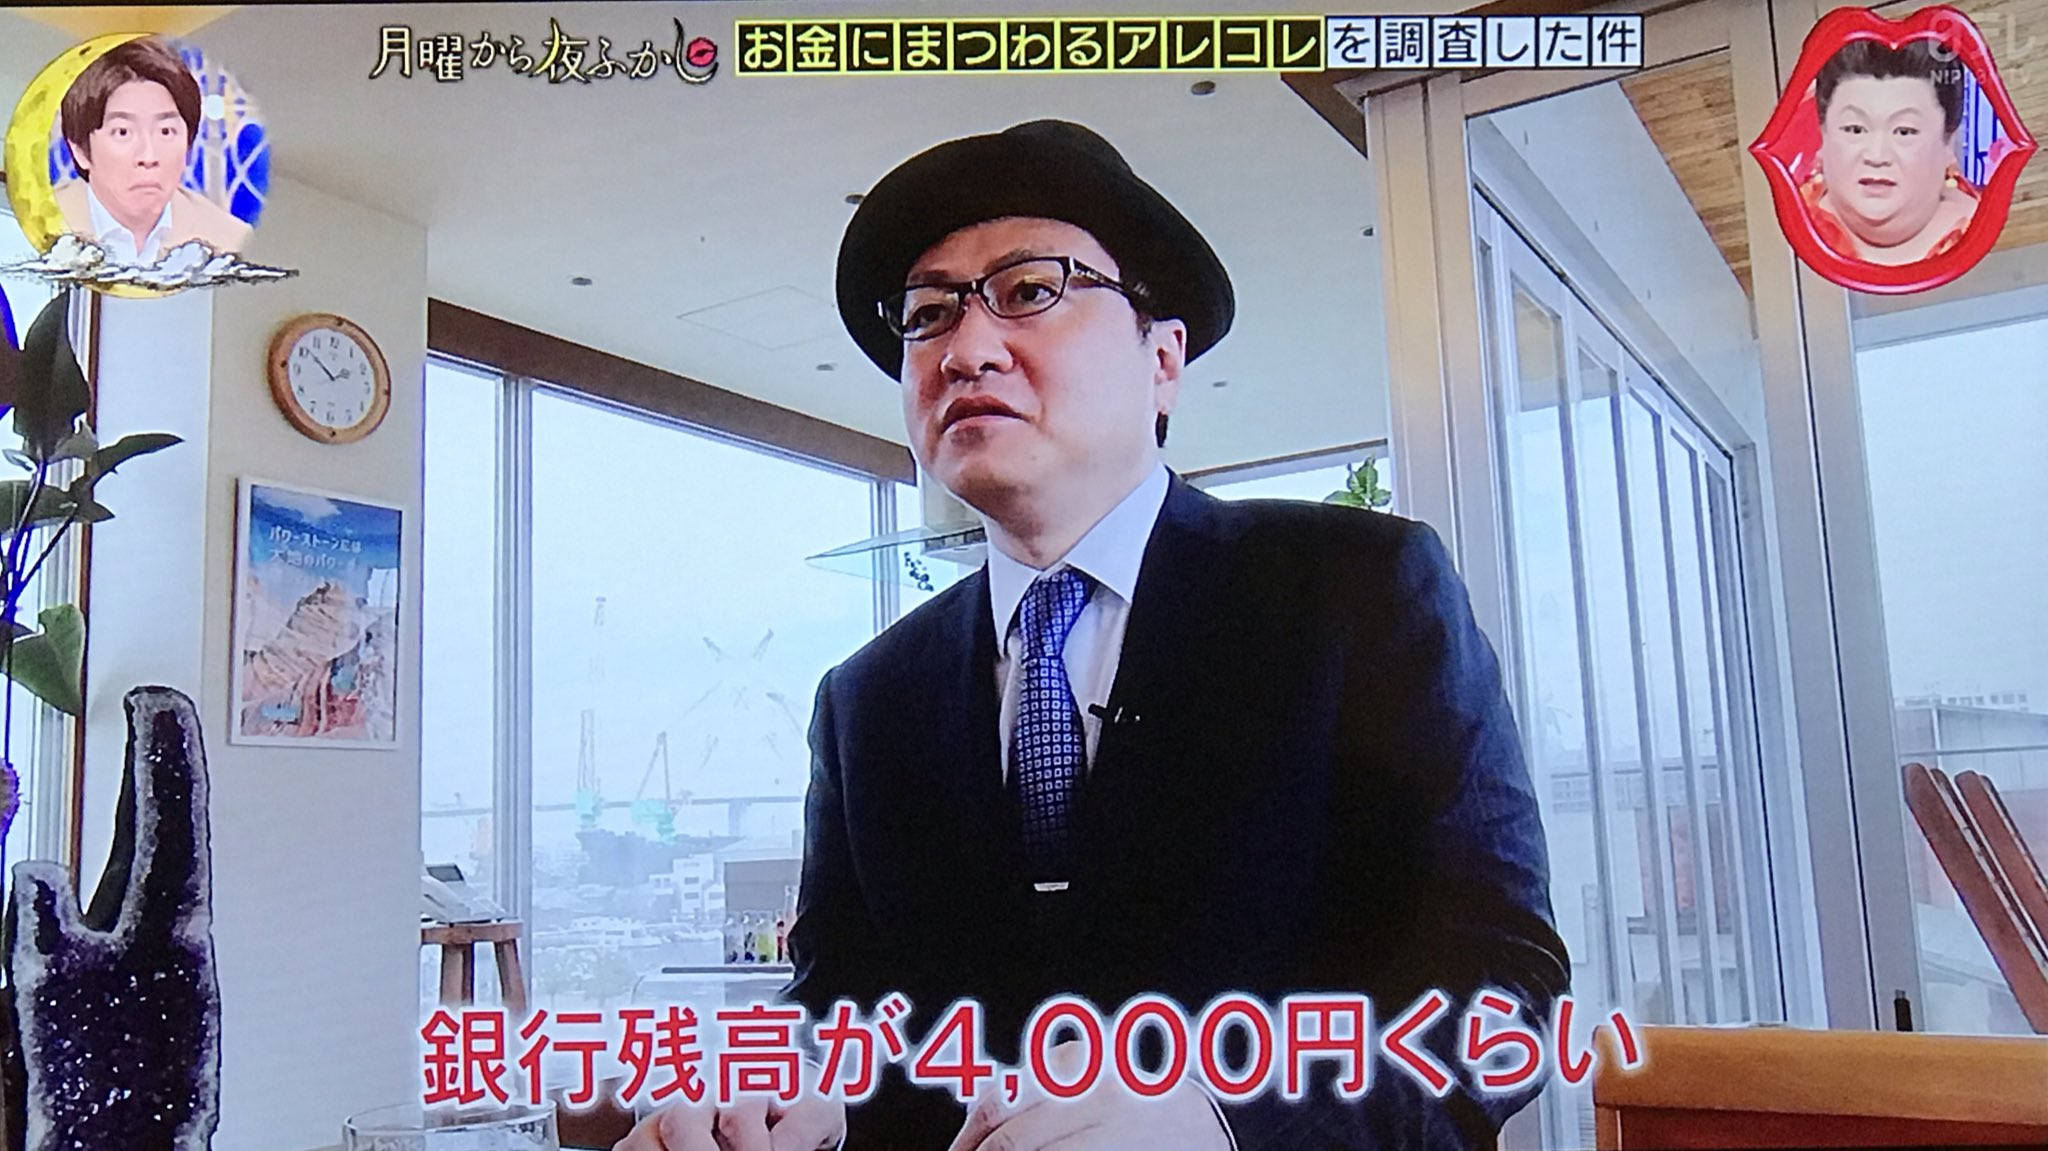 宝くじで6億当選した男まじで凄すぎる